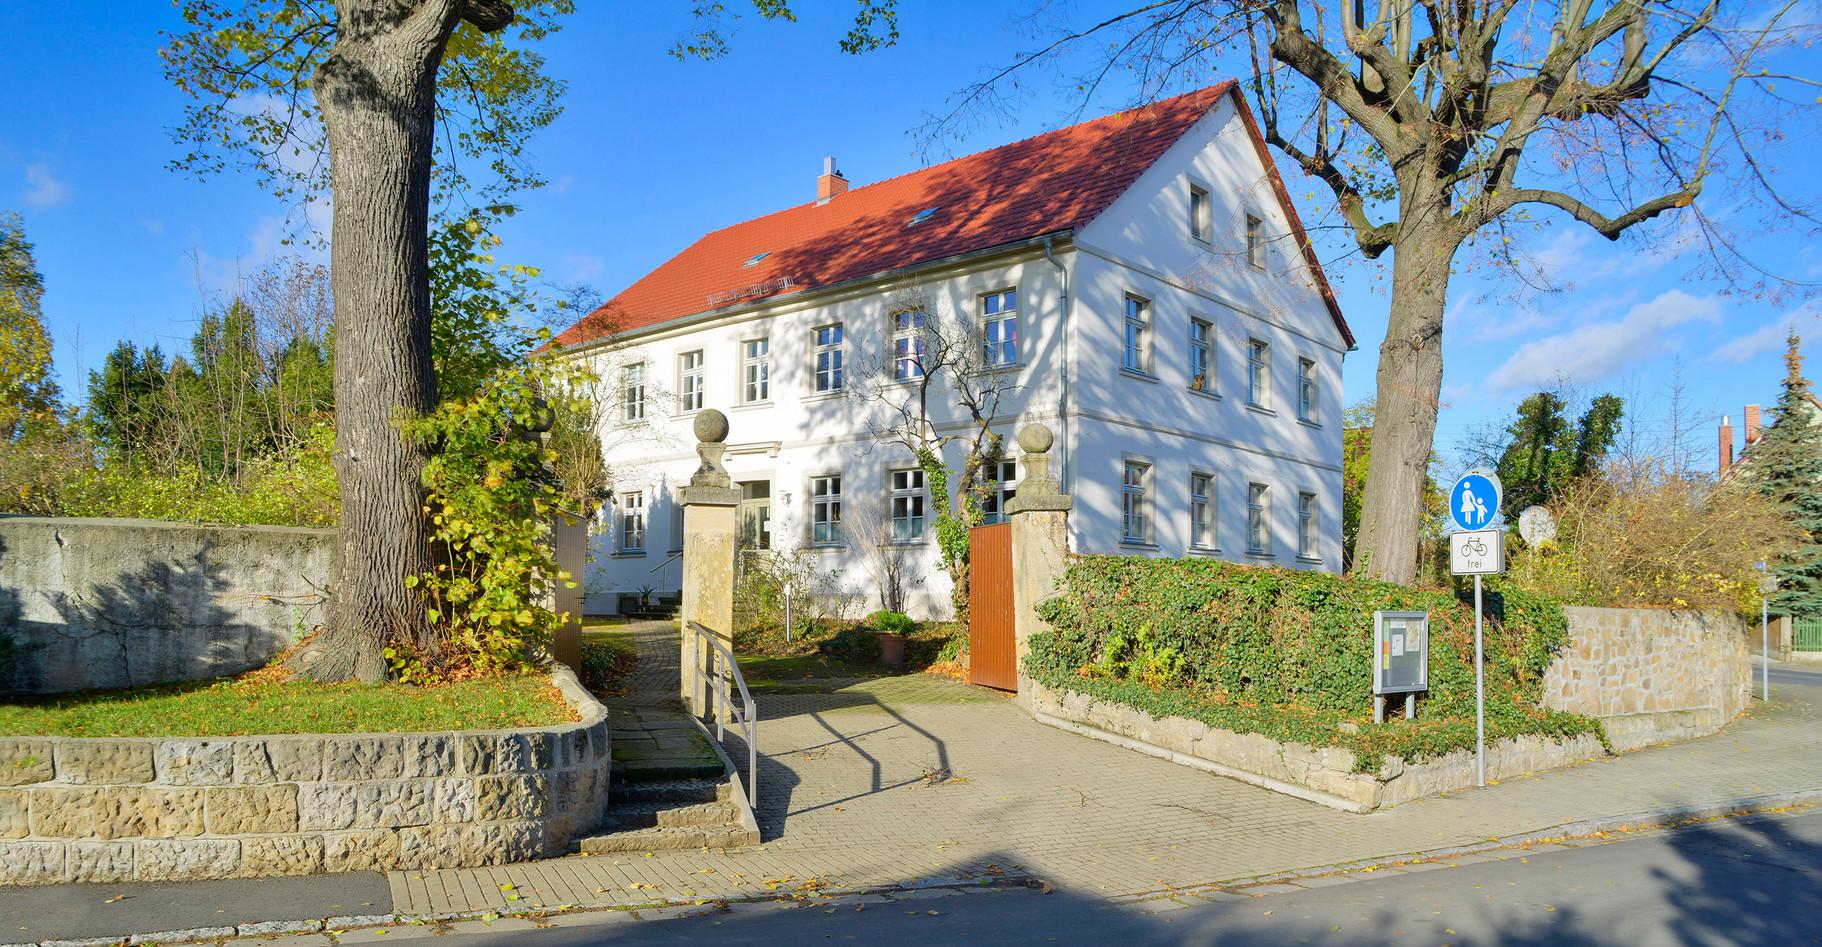 Pfarrhaus Niederau